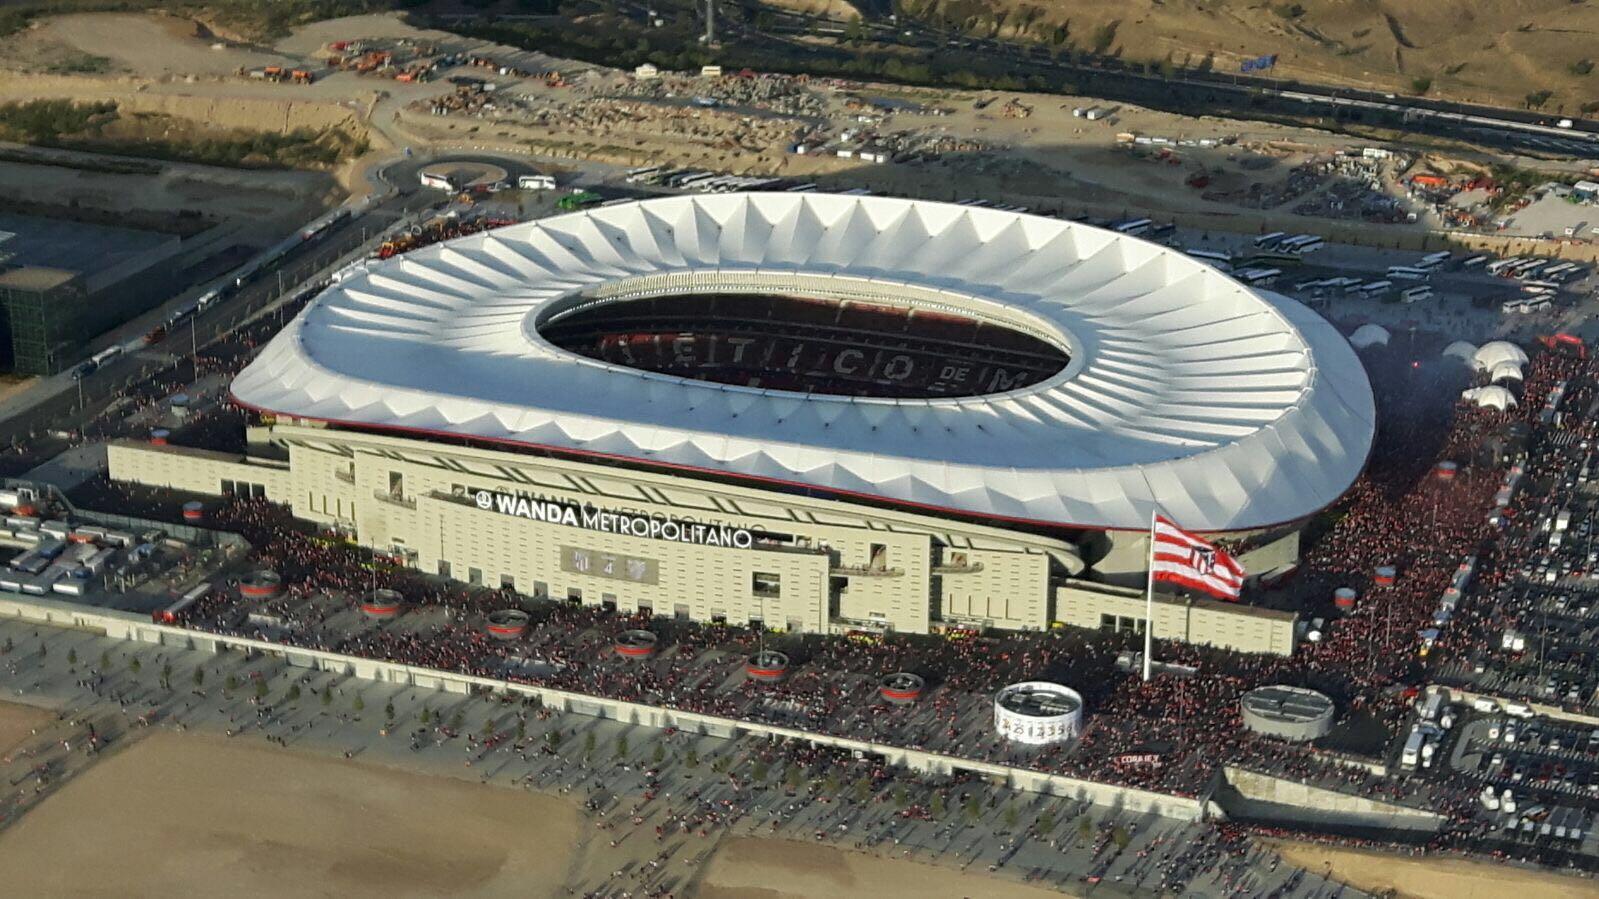 стадион ванда метрополитано фото решили